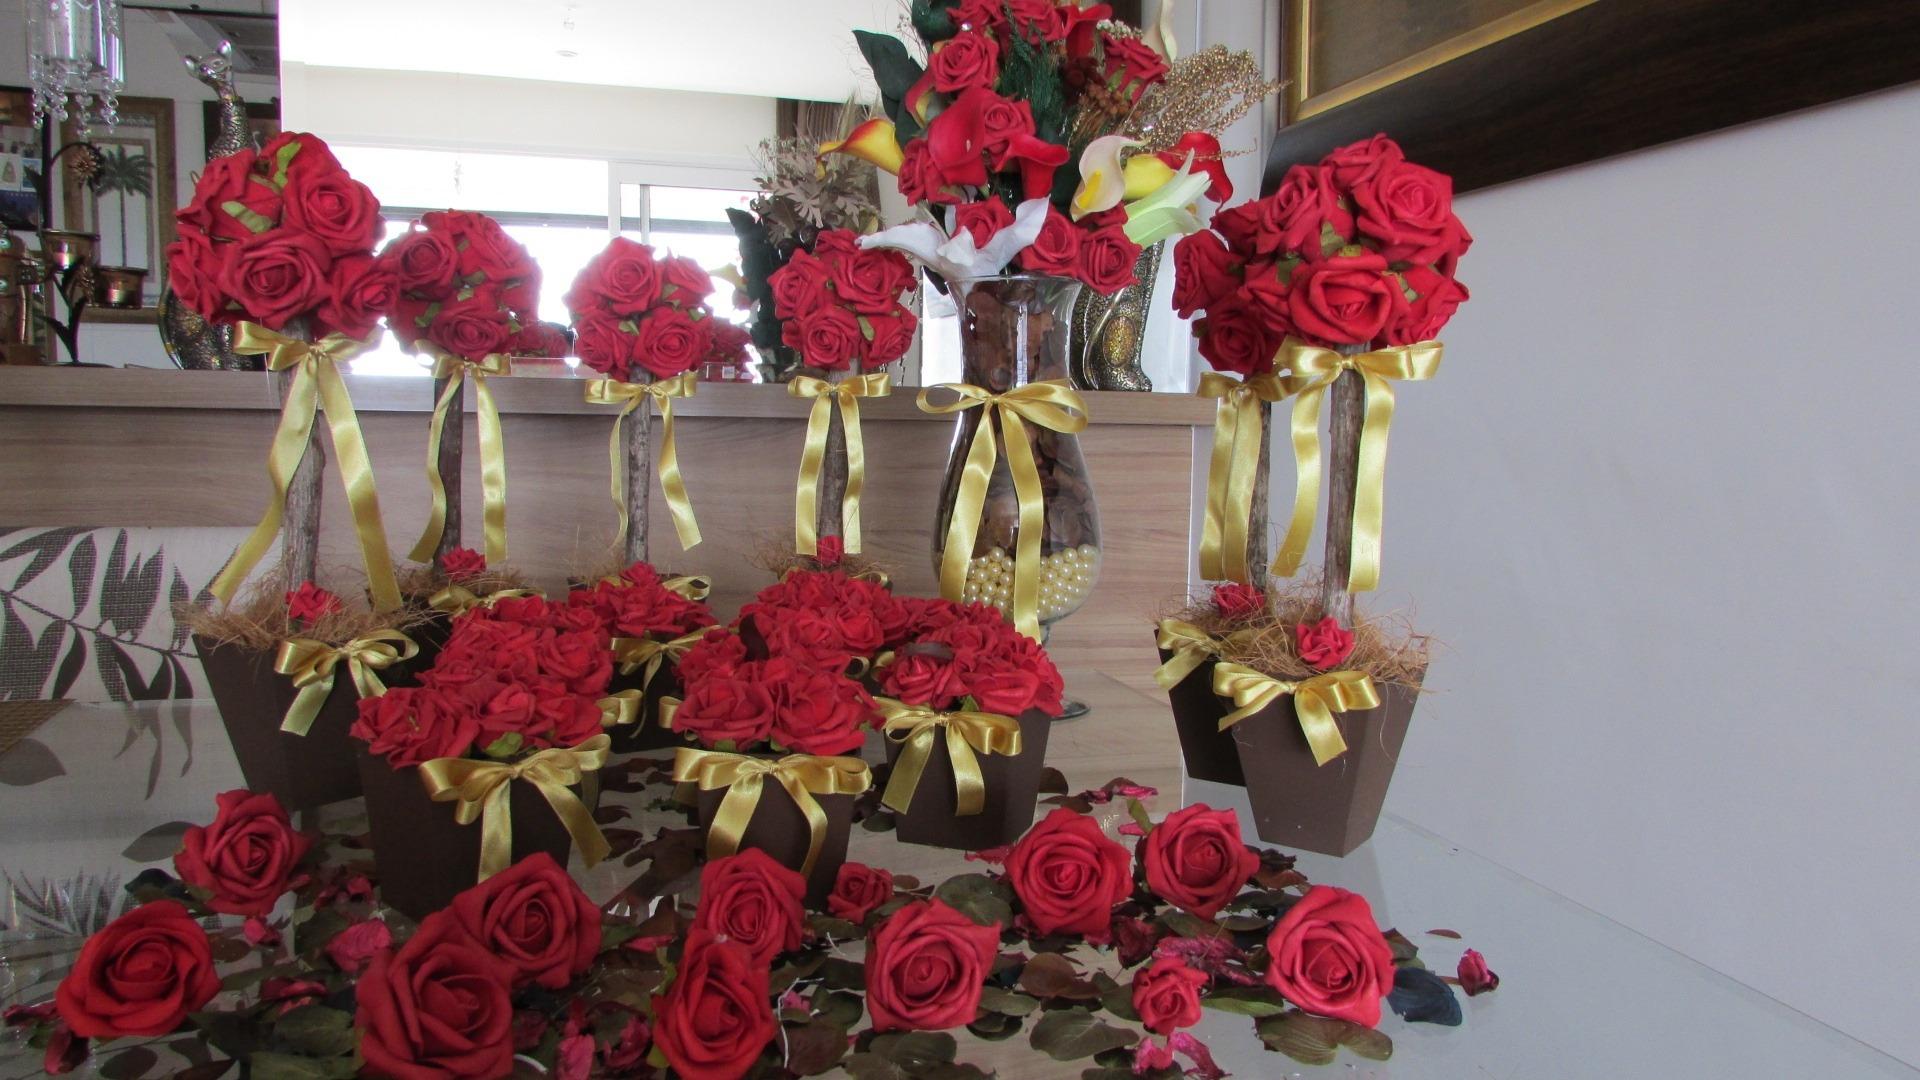 kit decoracao casamento : kit decoracao casamento:kit-sonho-di-vittoria-doudado-ii-topiara kit-sonho-di-vittoria-doudado